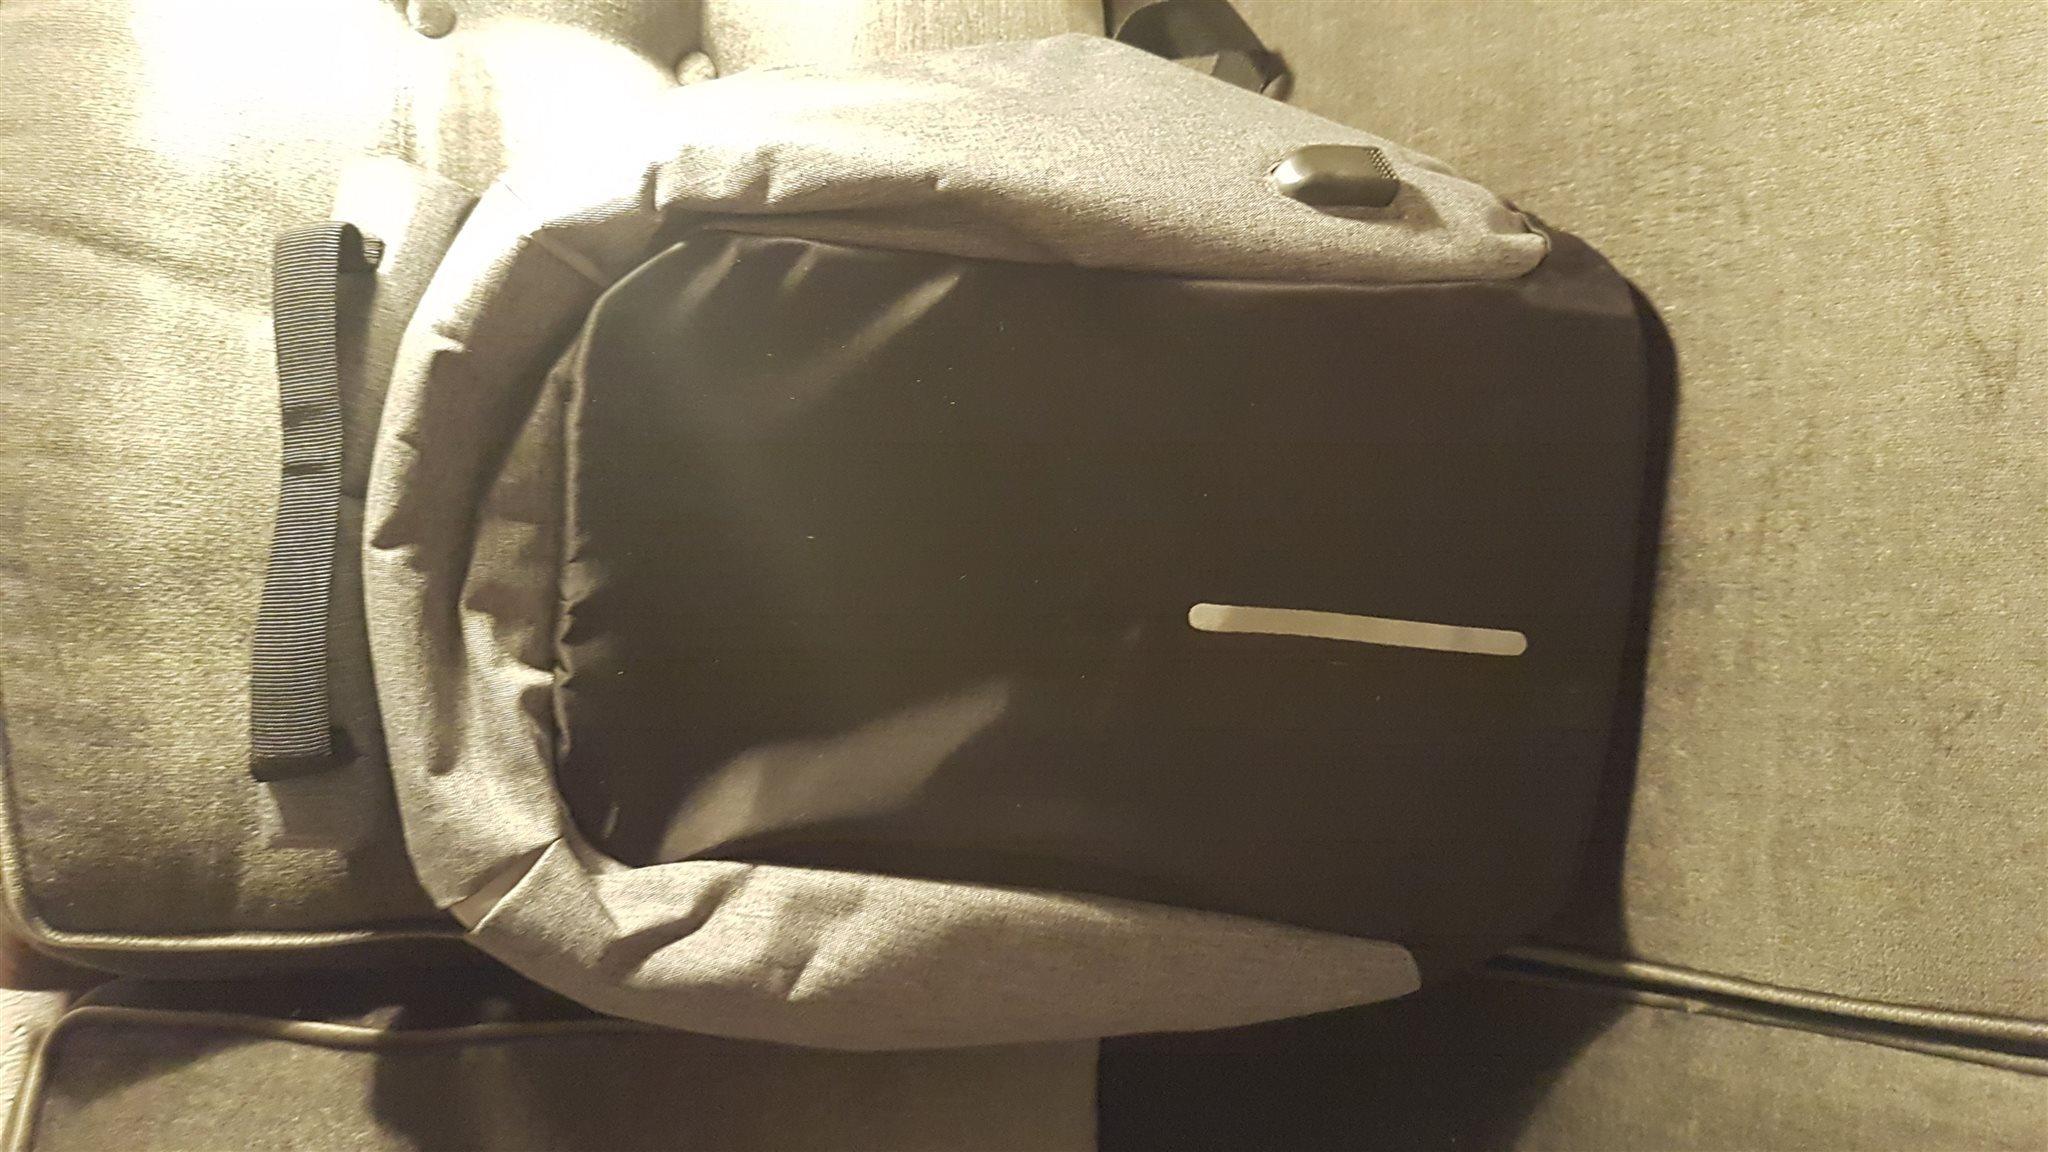 Väska ryggsäck med USB-uttag (332575119) ᐈ Köp på Tradera d2fe51a1ade90